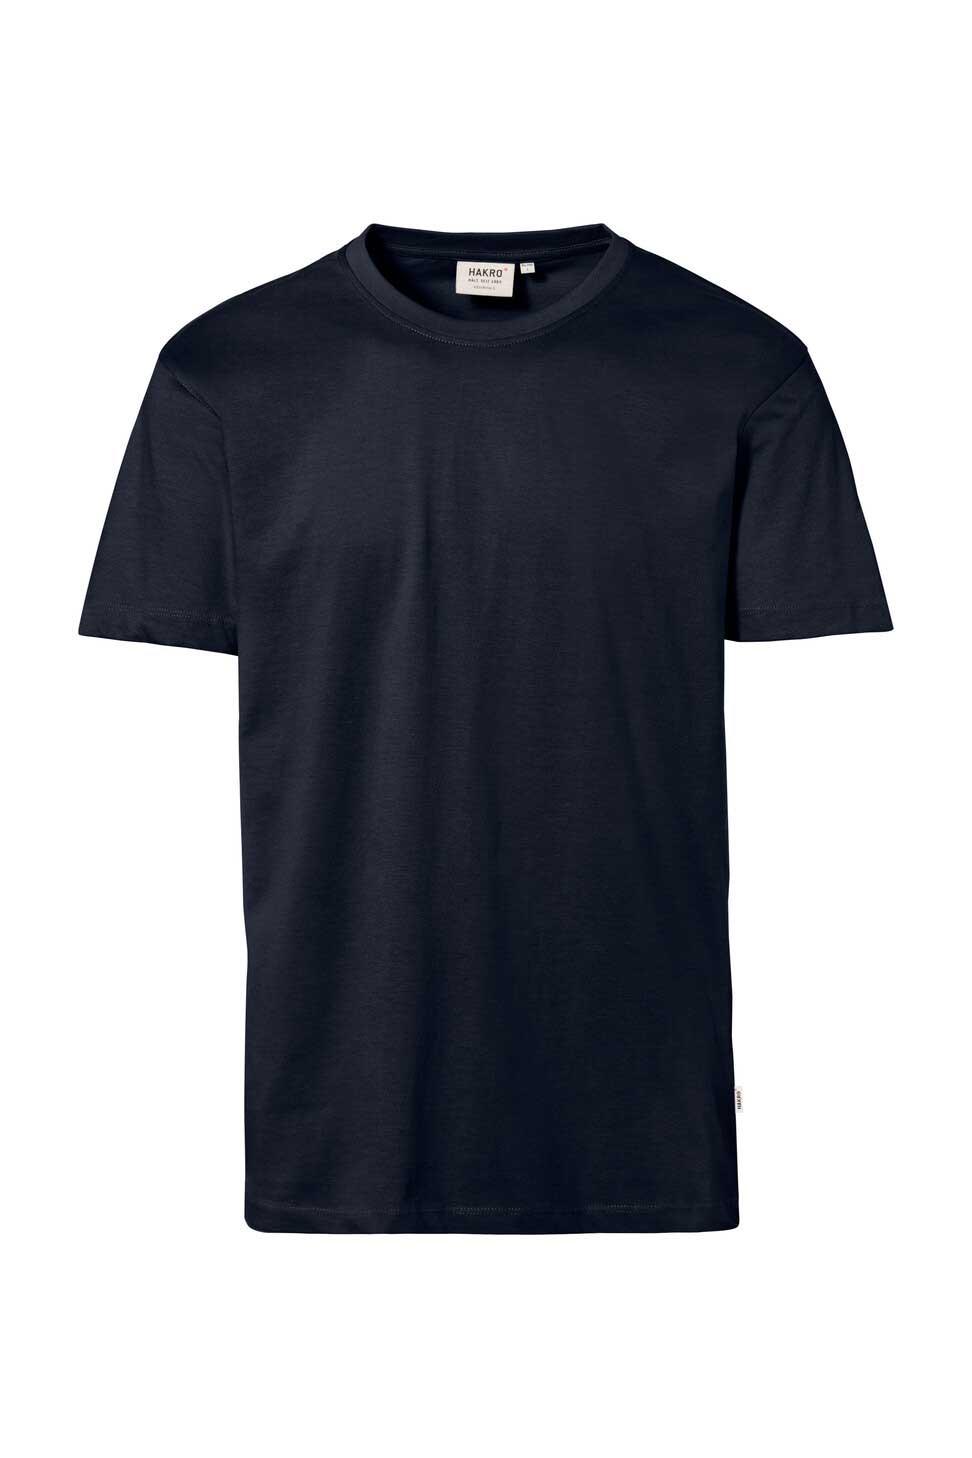 Herren T-Shirt Classic,292 tinte EH silber